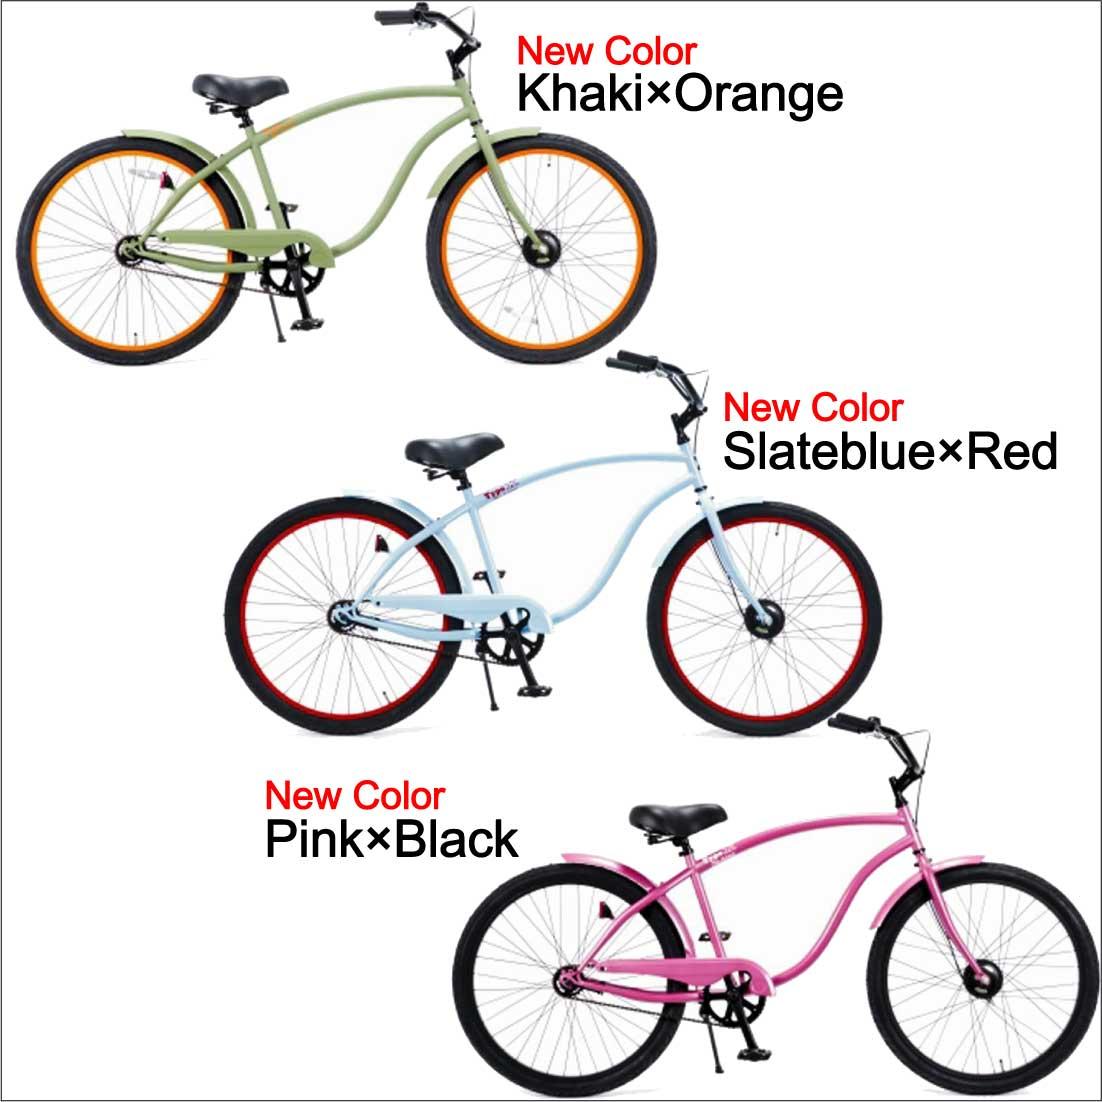 レインボー ビーチクルーザー 26インチ おしゃれ 自転車 通勤 通学 メンズ レディース 26TYPE-X ニューカラー